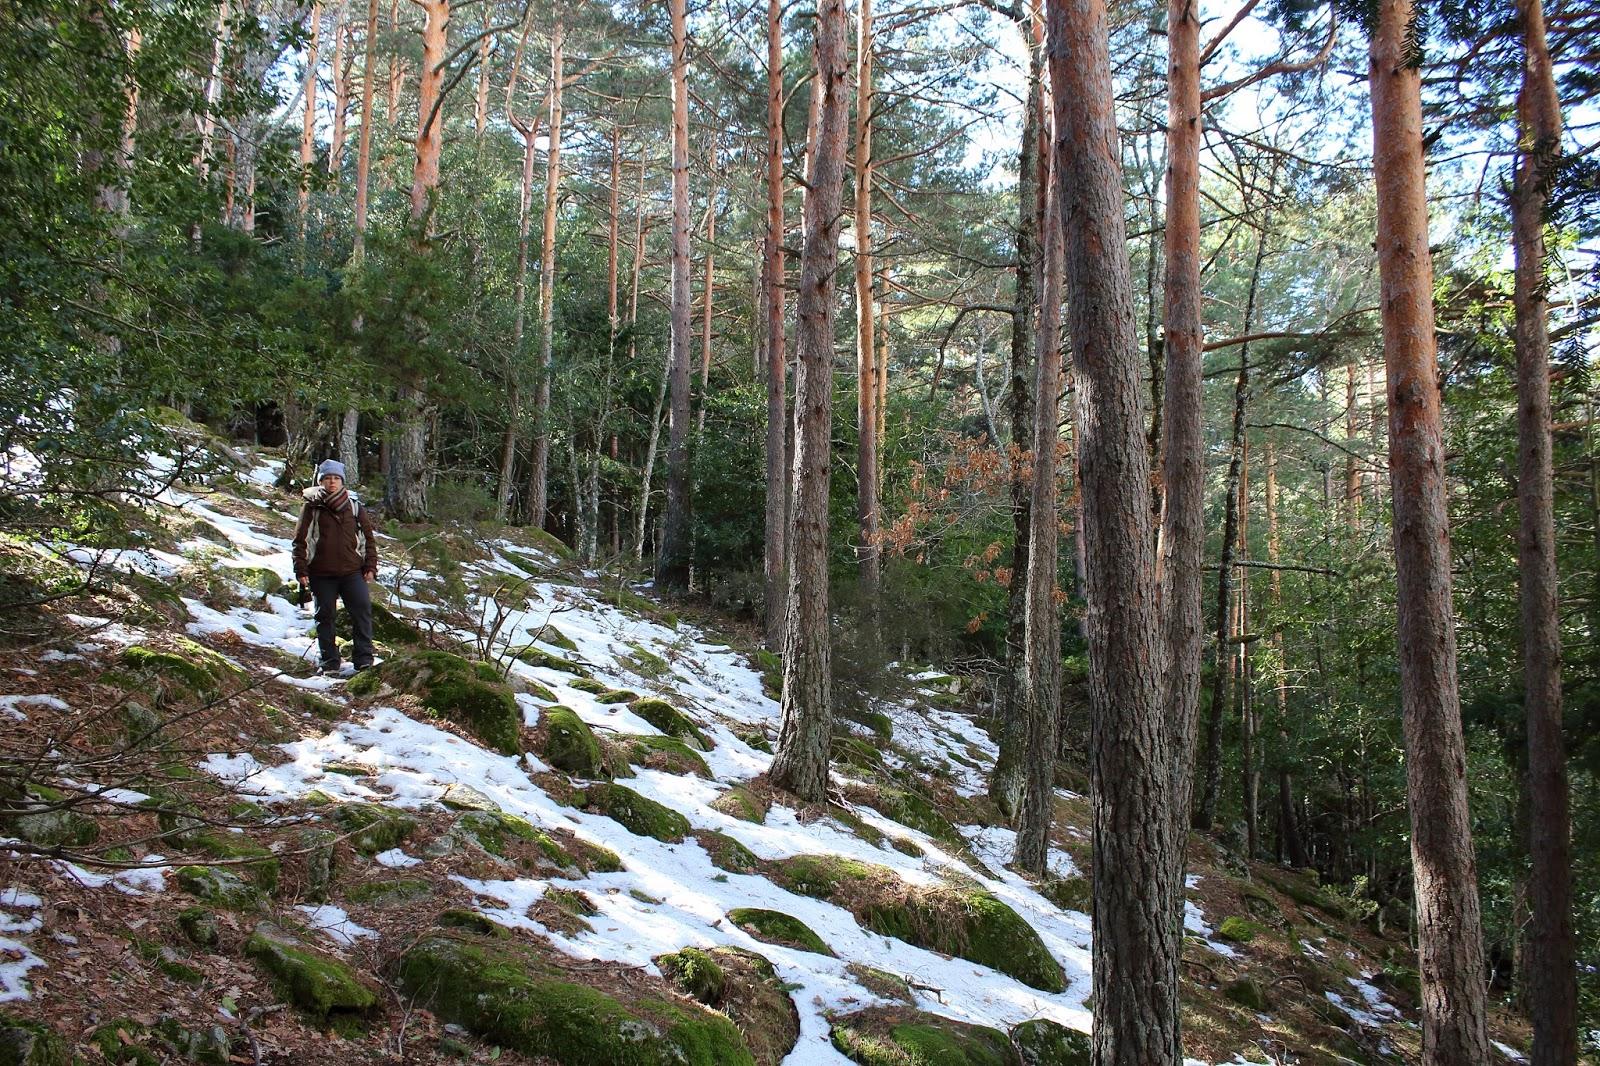 Senda Ecológica de Canencia: Un jardín botánico en la naturaleza